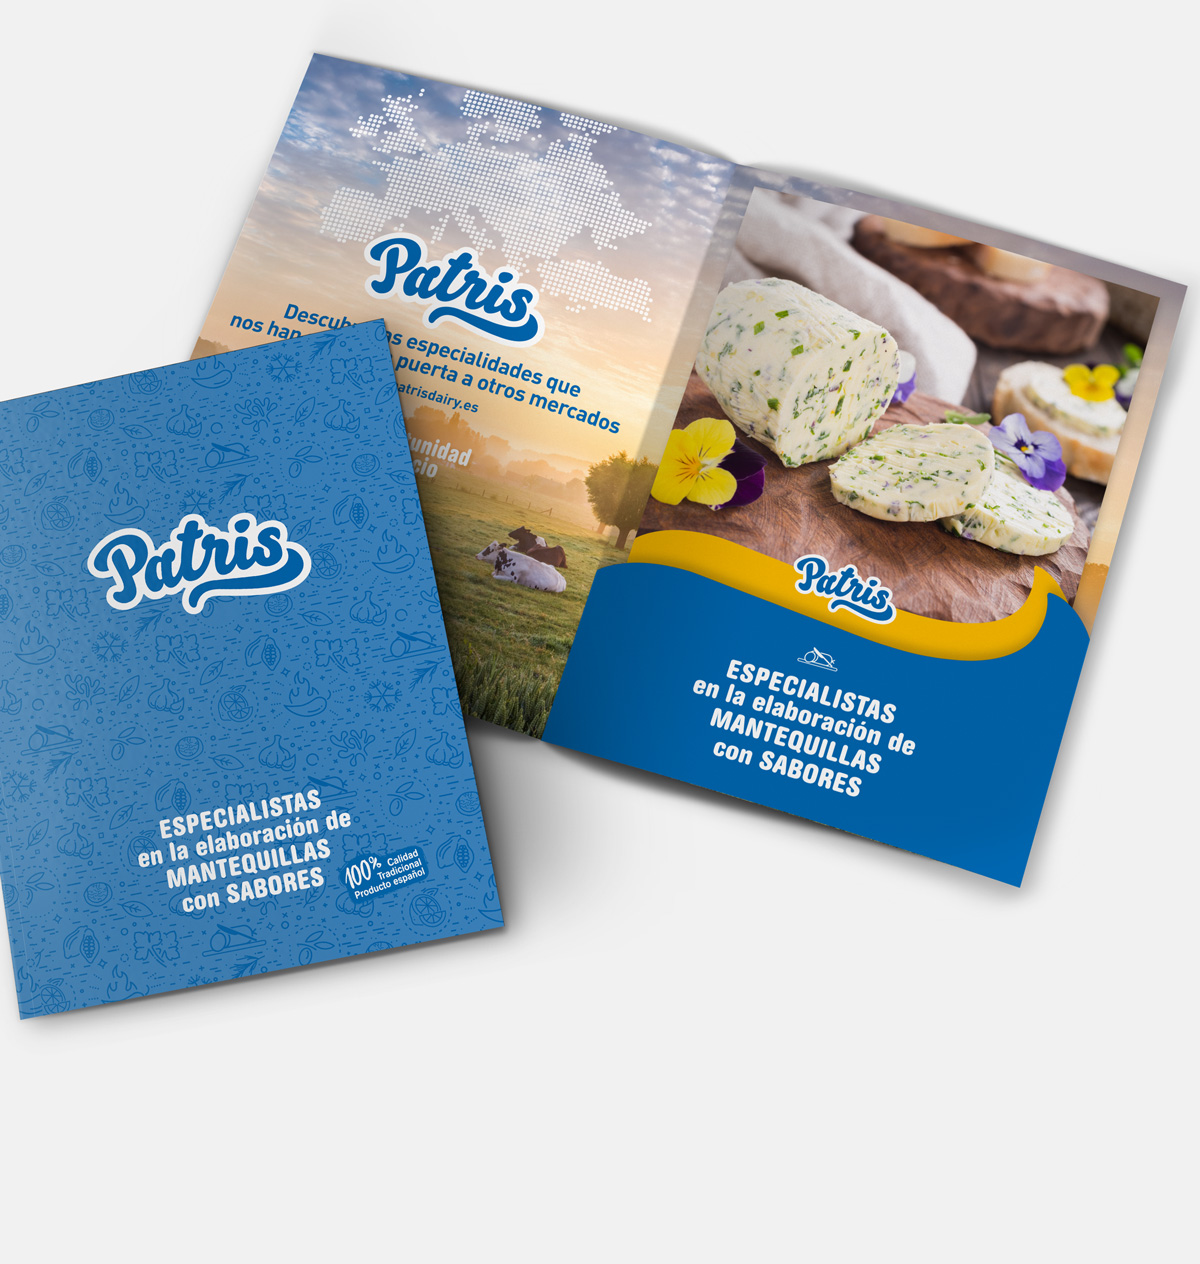 catalogo de producto marca patris mantequillas con sabores